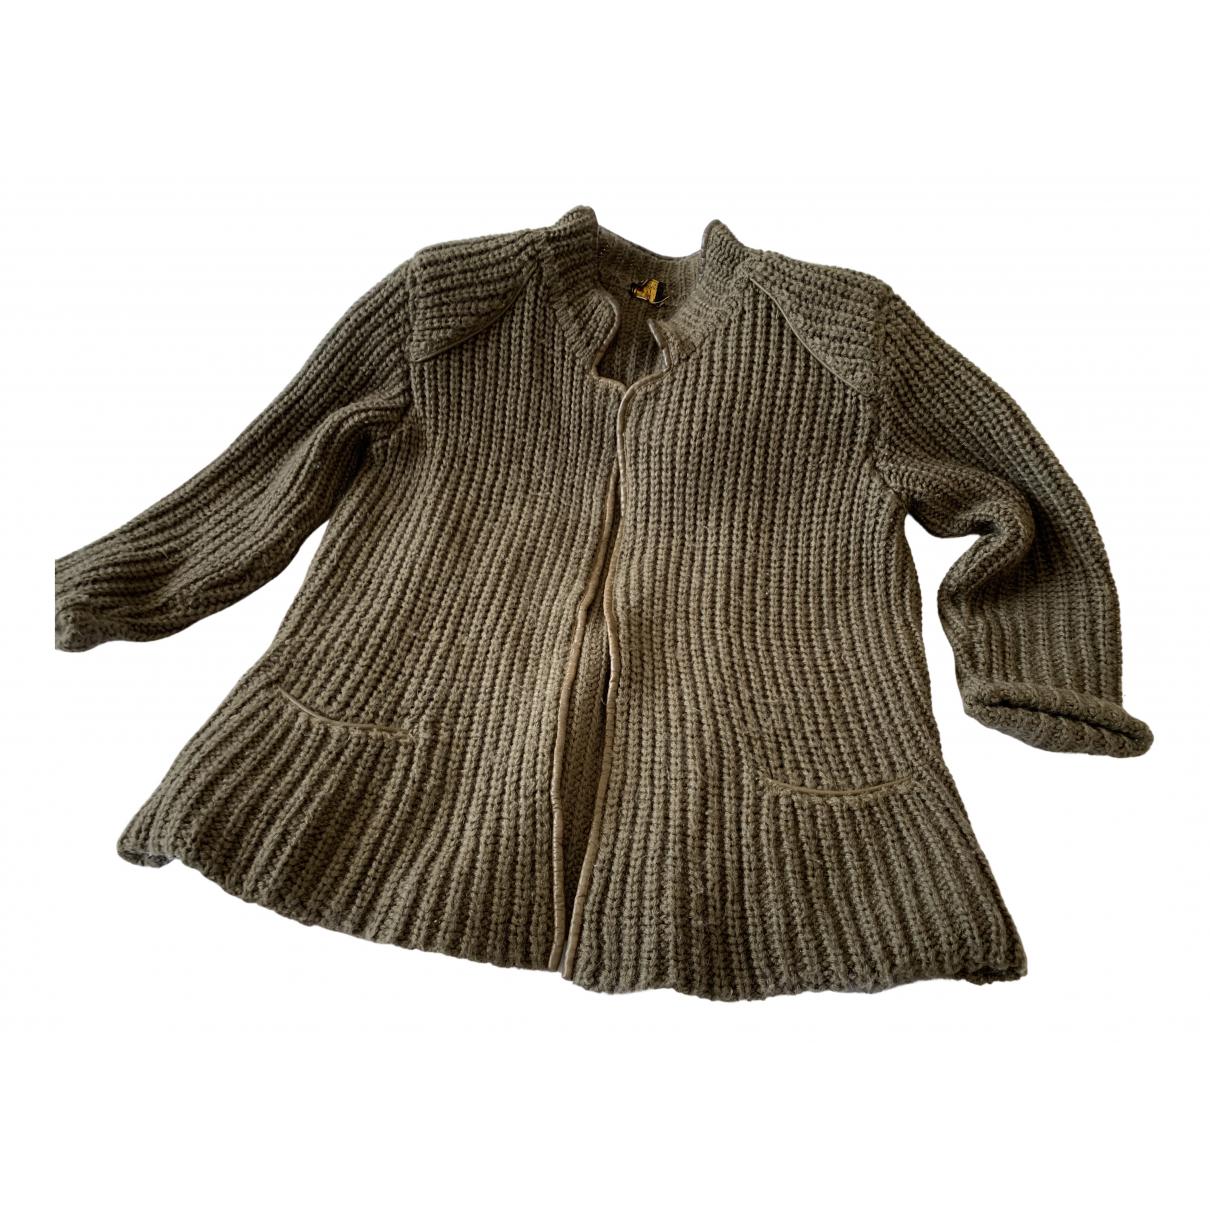 Trussardi N Brown Wool Knitwear for Women 40 IT